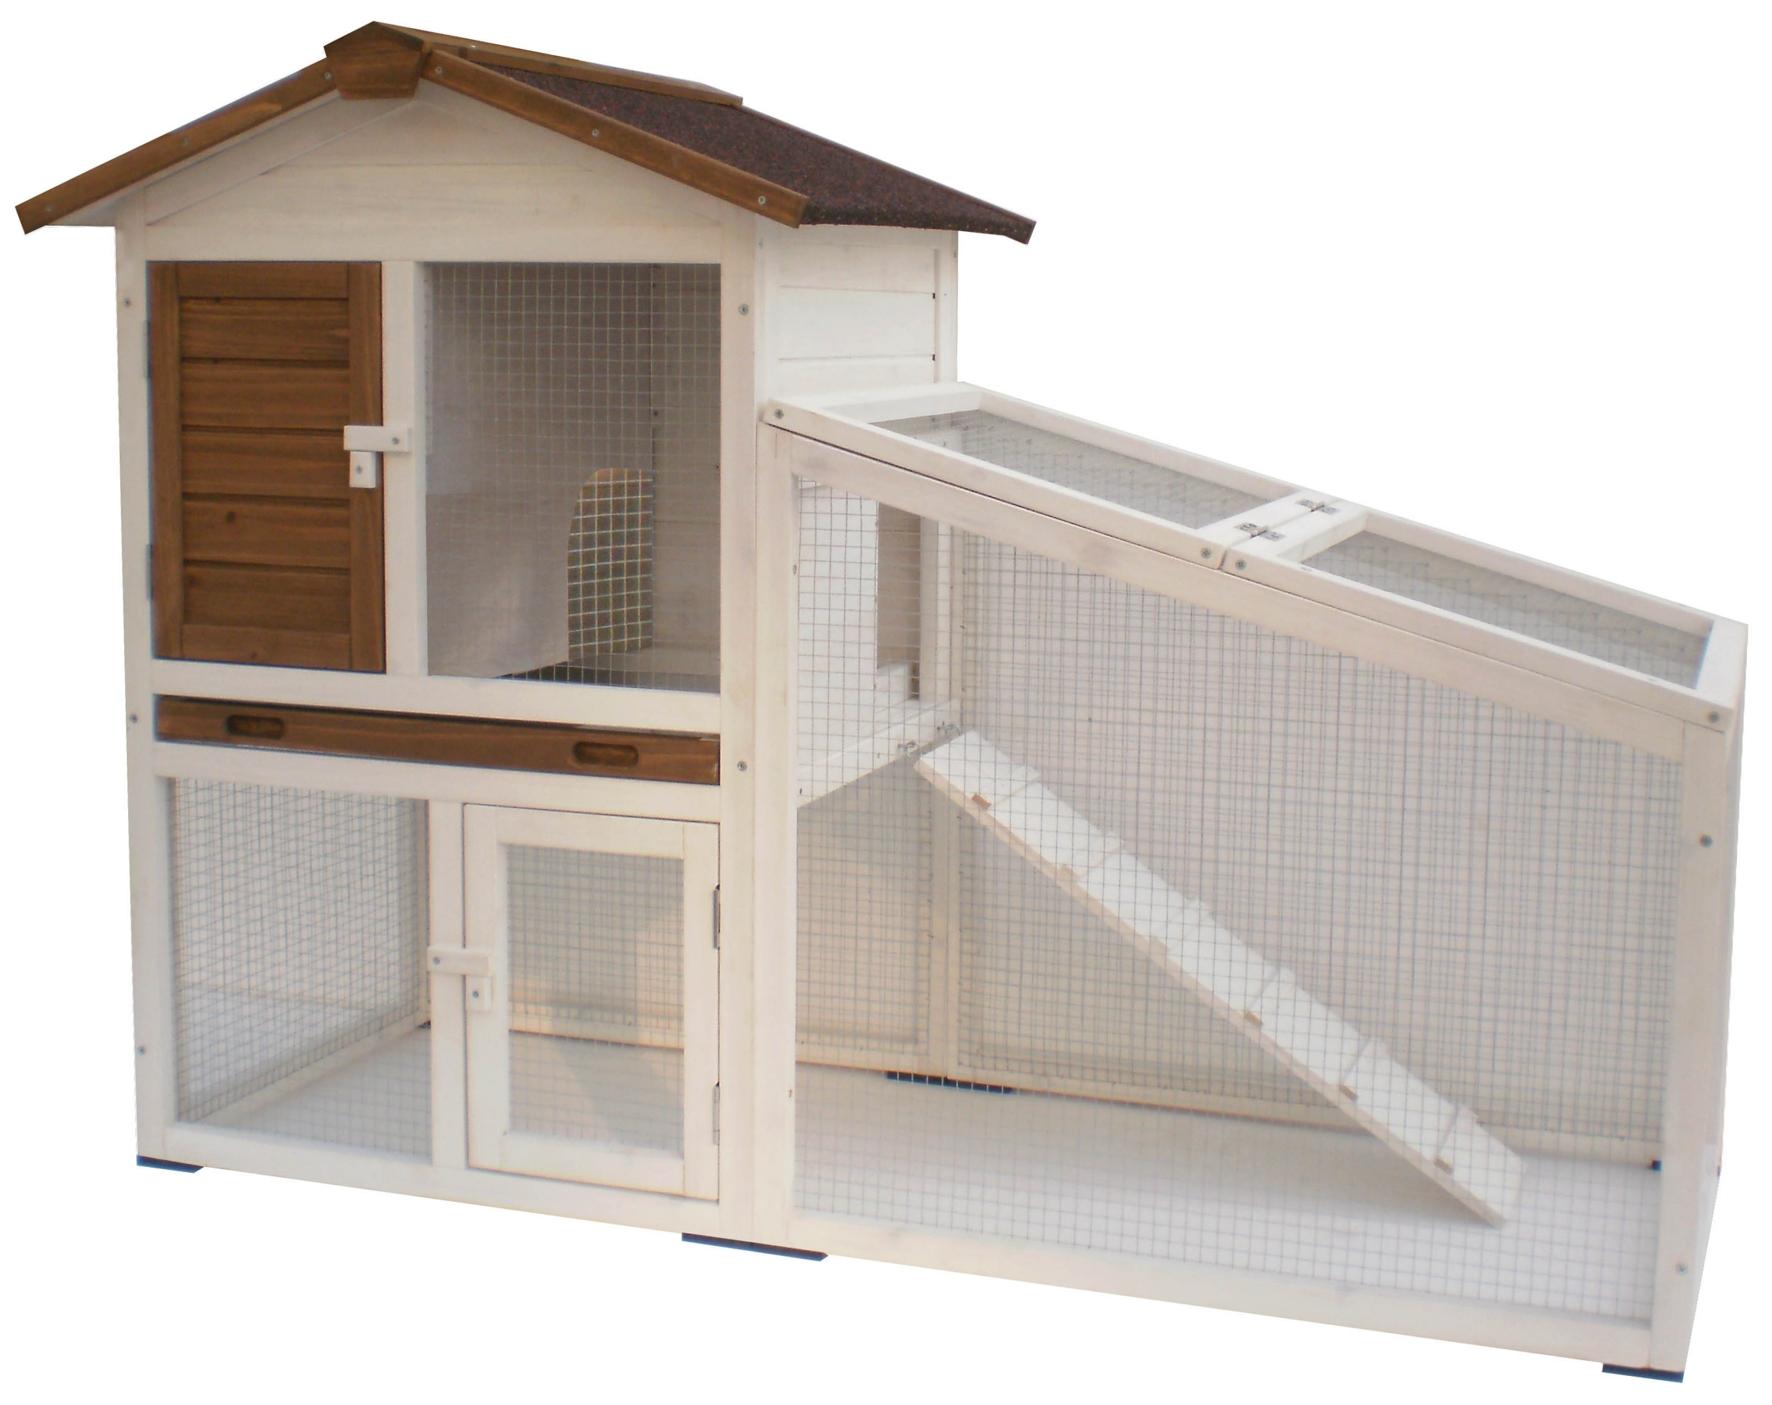 Kaninchen- Meerschweinchen Außenstall mit 2 Etagen Loft Image